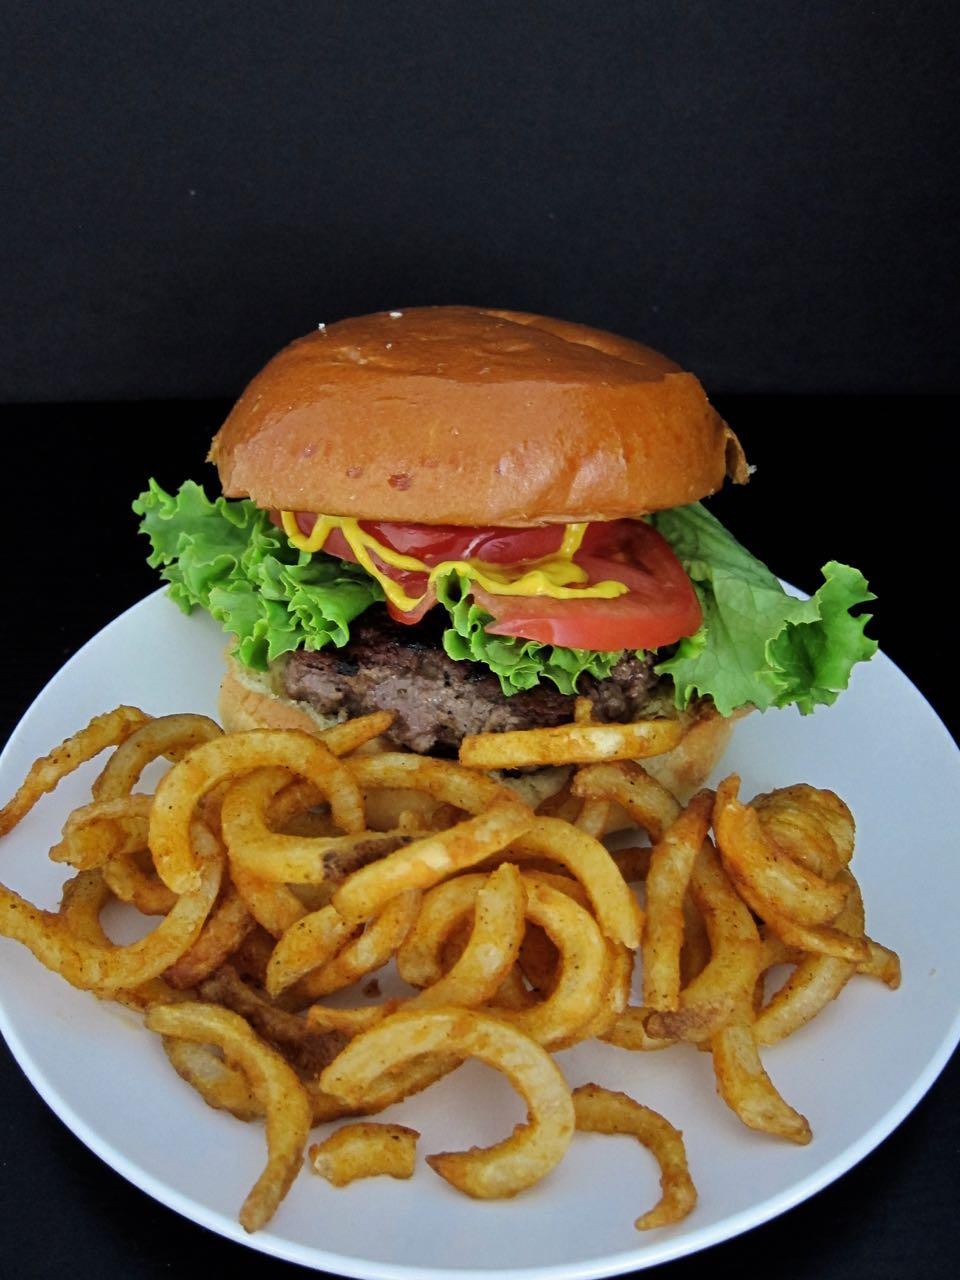 Luke's Diner Burger